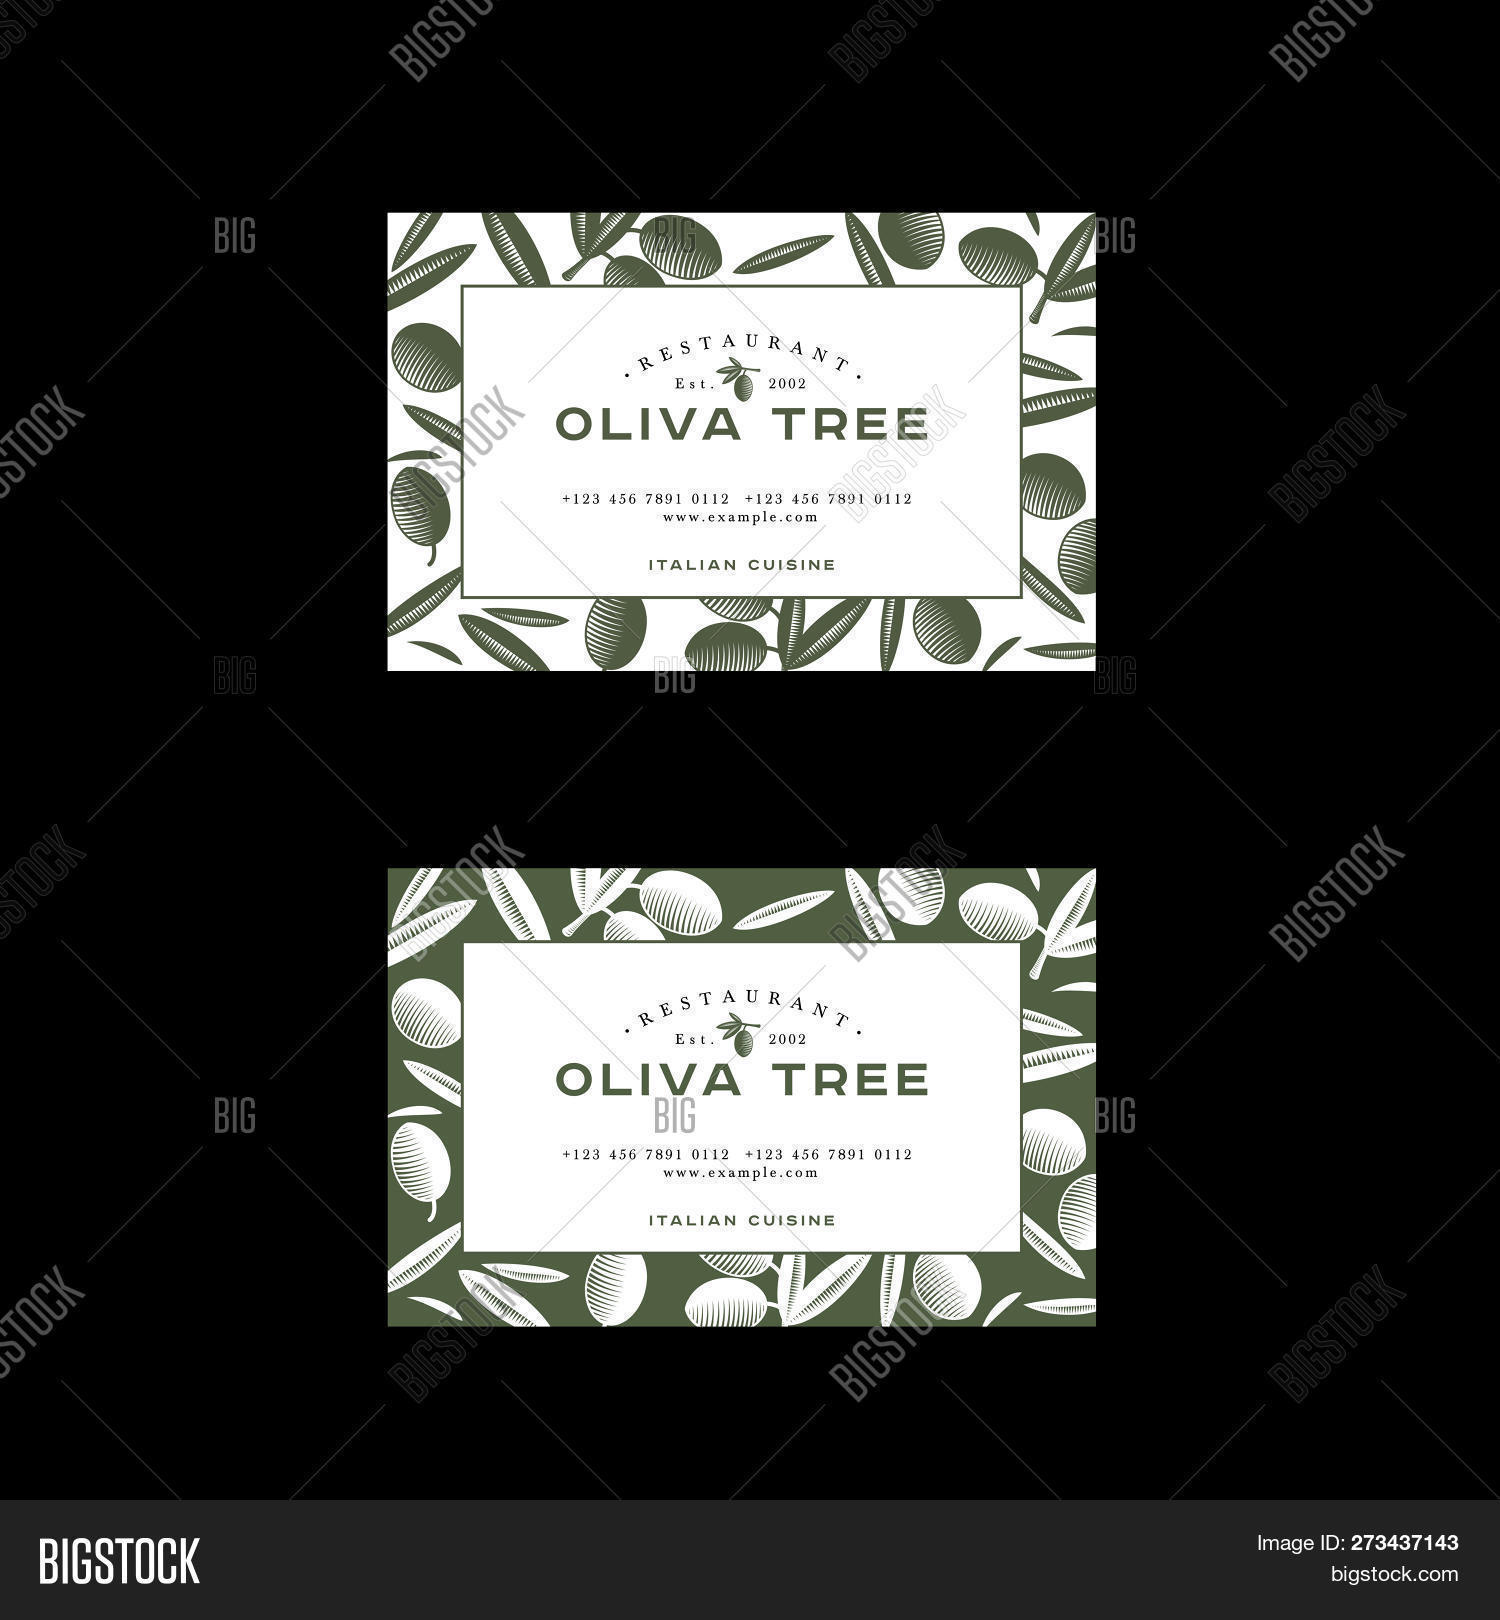 Oliva Tree Logo Vector Photo Free Trial Bigstock